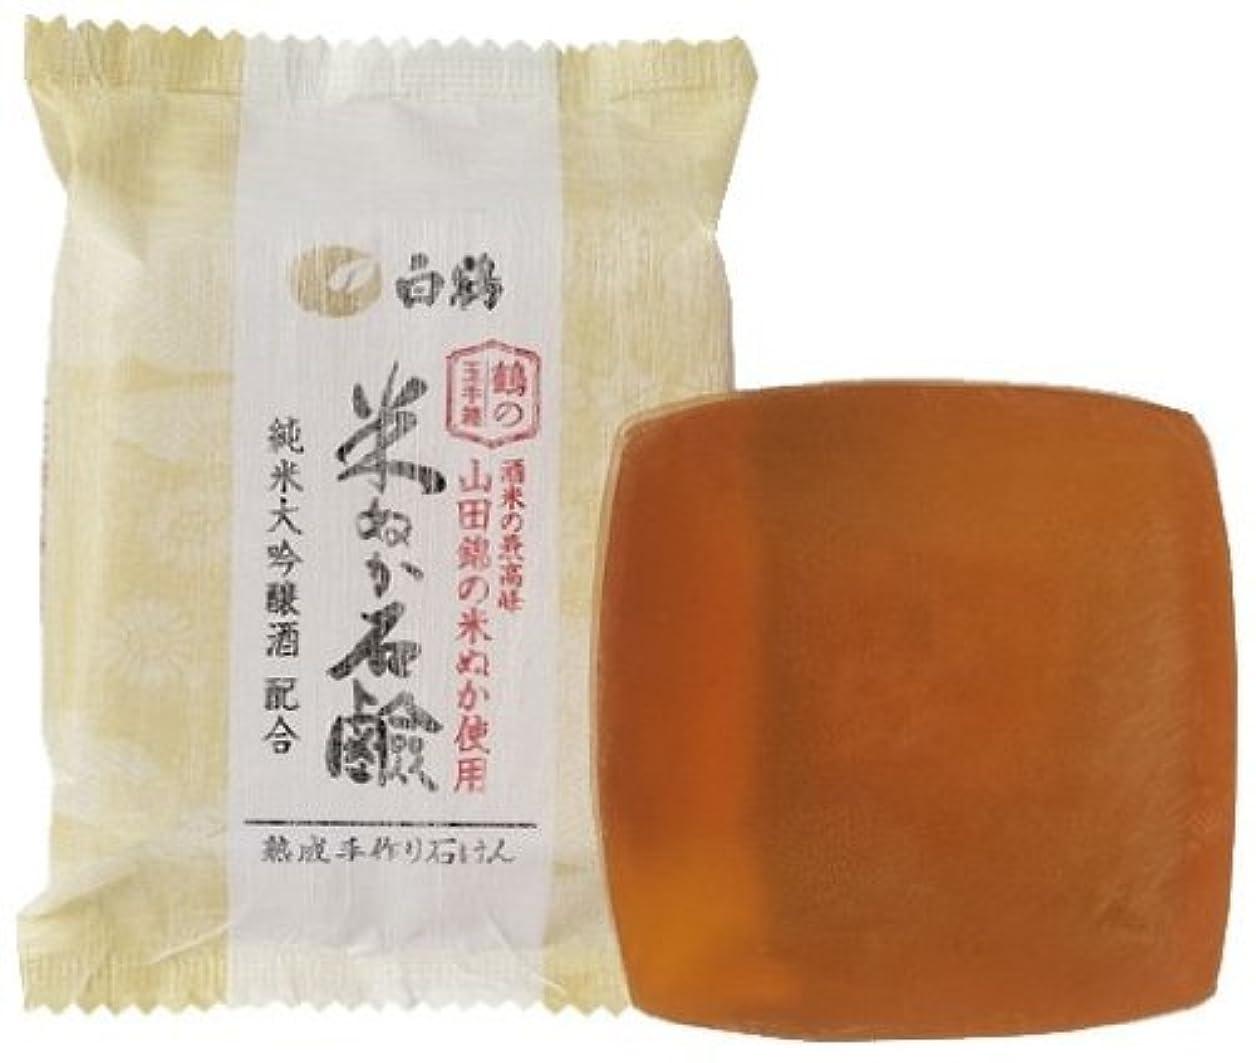 白鶴 鶴の玉手箱 米ぬか石けん 100g × 3個 (純米大吟醸 山田錦の米ぬか配合)